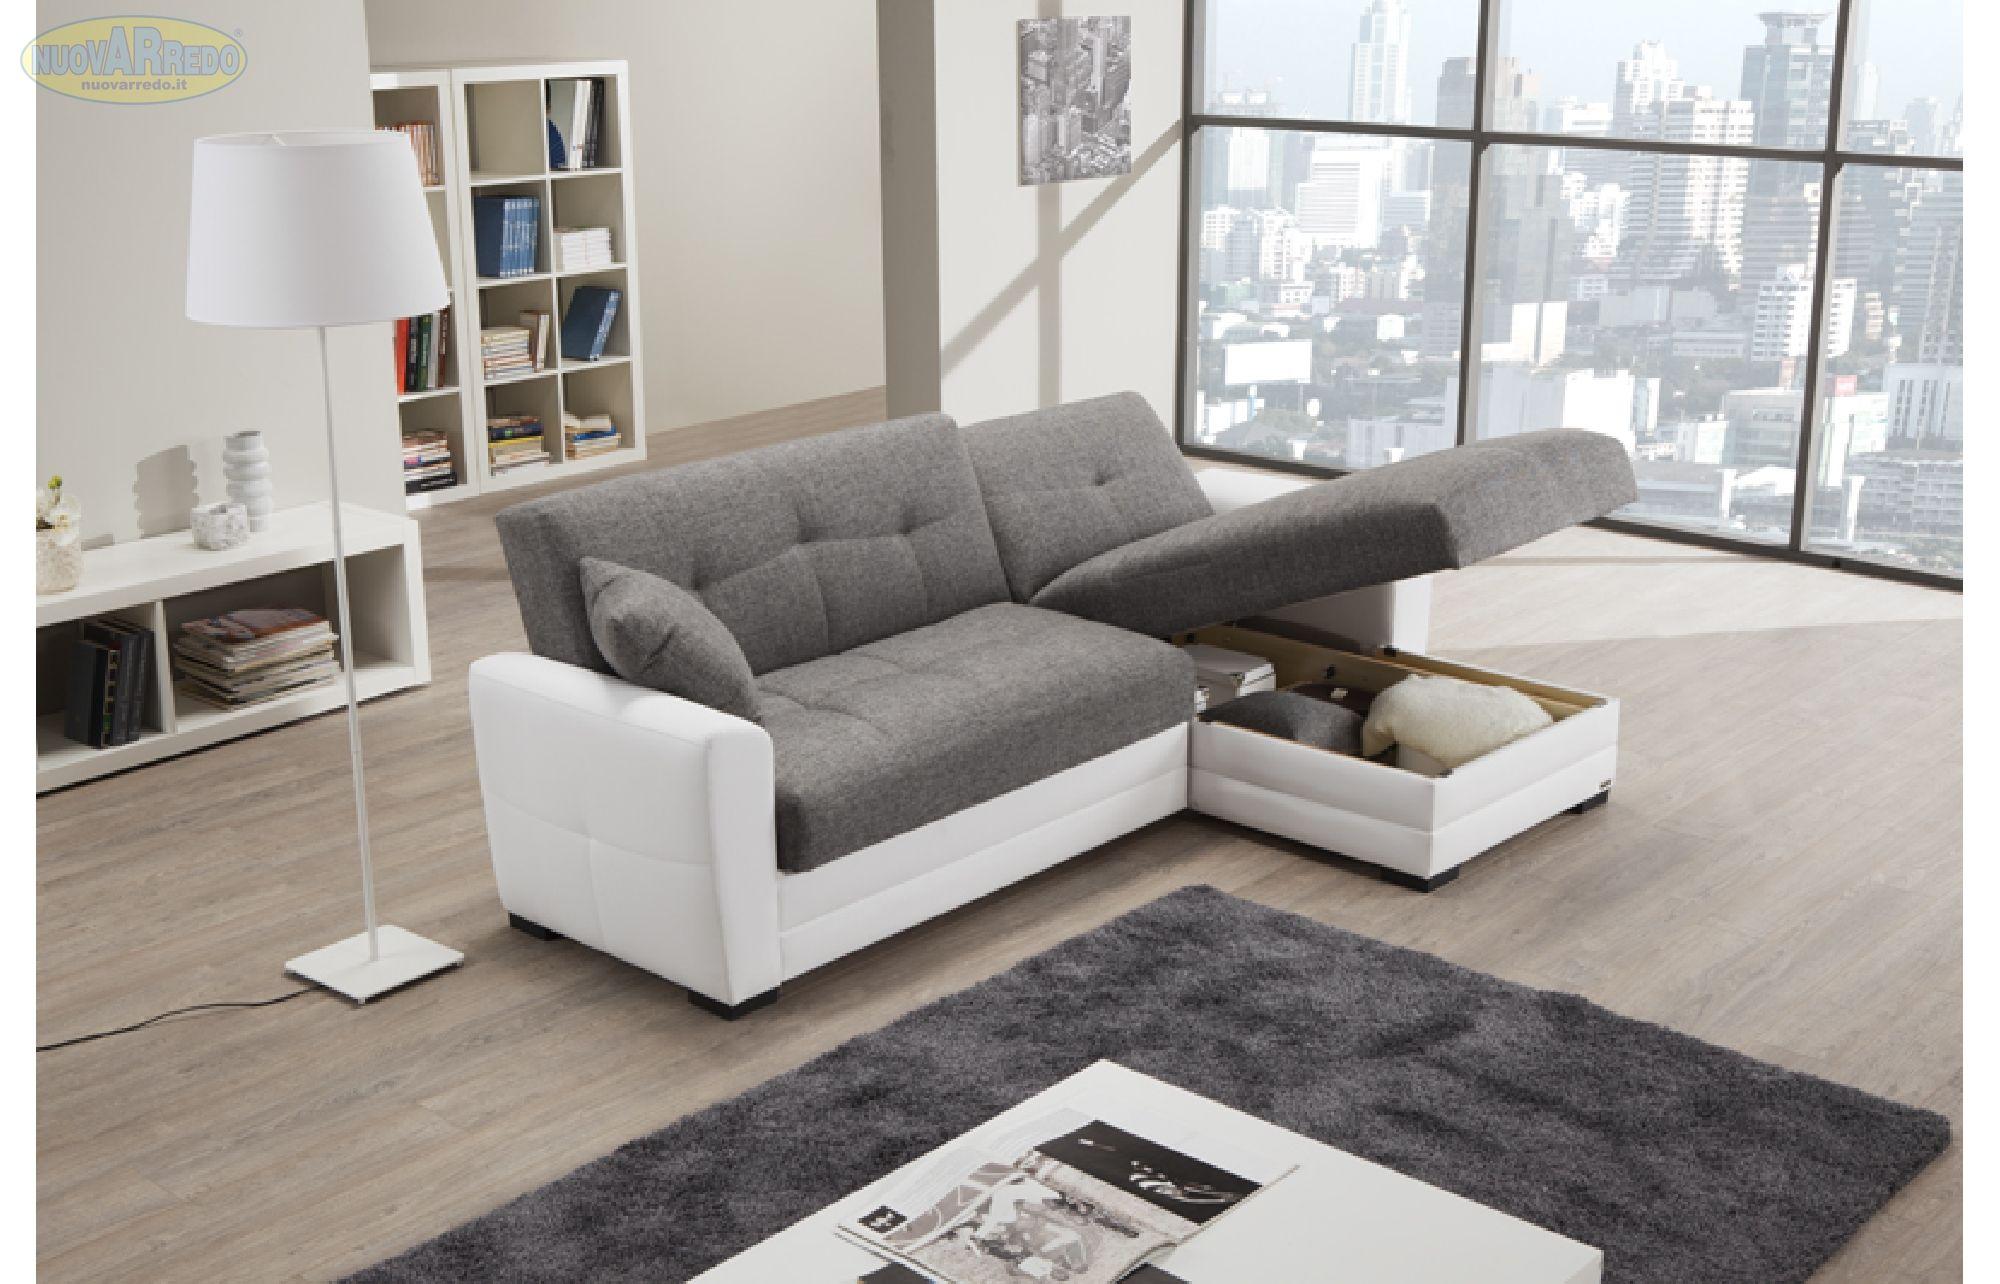 Prezzo 499 divano angolare in ecopelle bianco e tessuto - Divano bianco e grigio ...